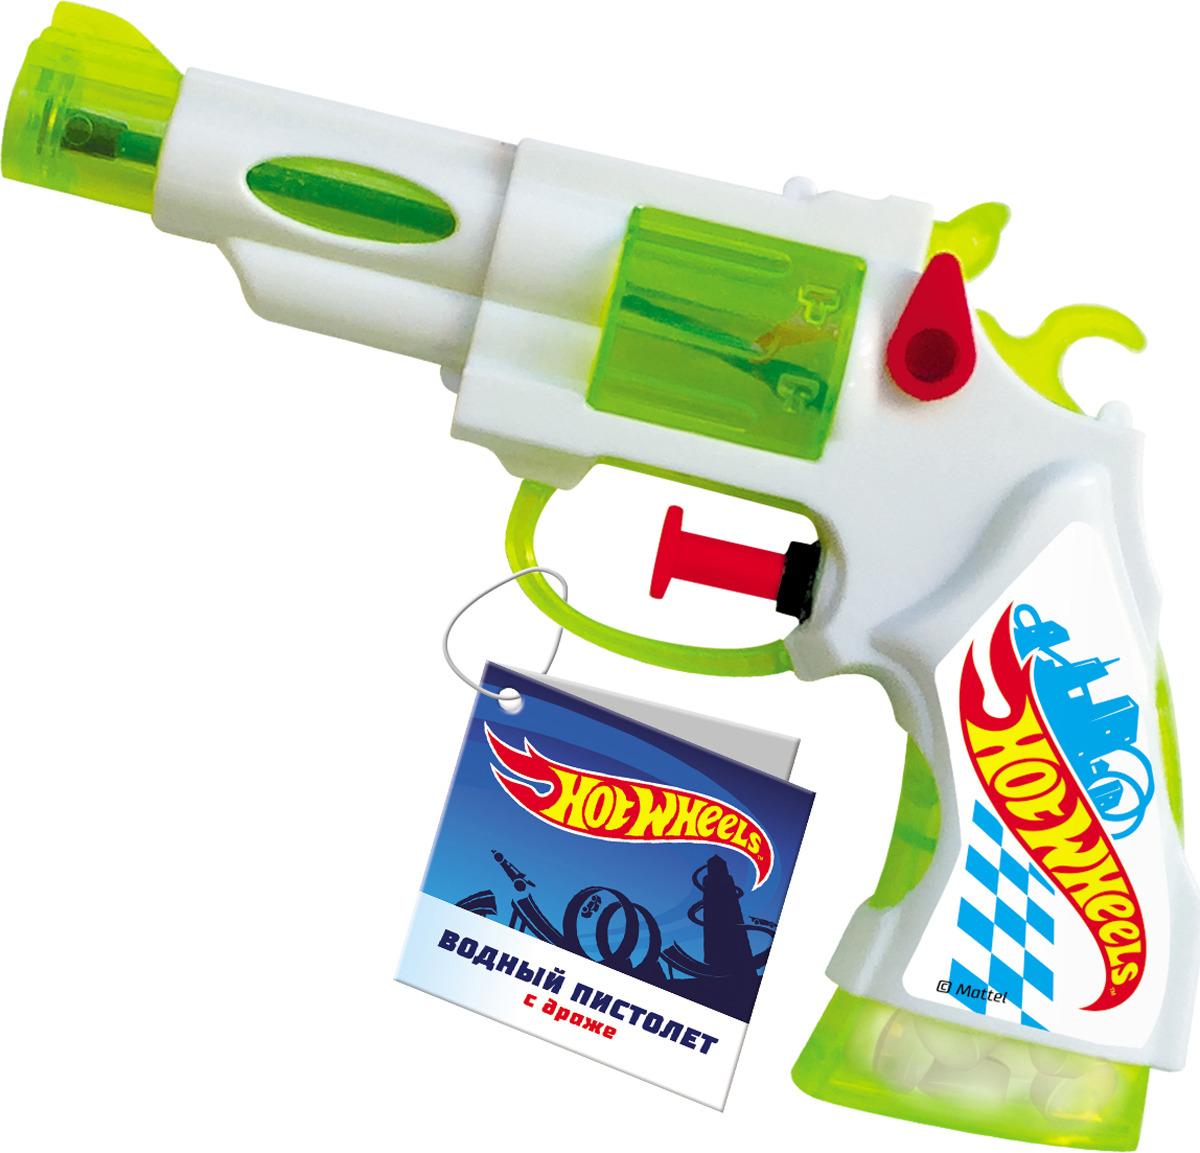 Конфеты Конфитрейд Hot Wheels с игрушкой Водный пистолет, 5 г, цвет в ассортименте конфитрейд лето водный пистолет драже с игрушкой 5 г